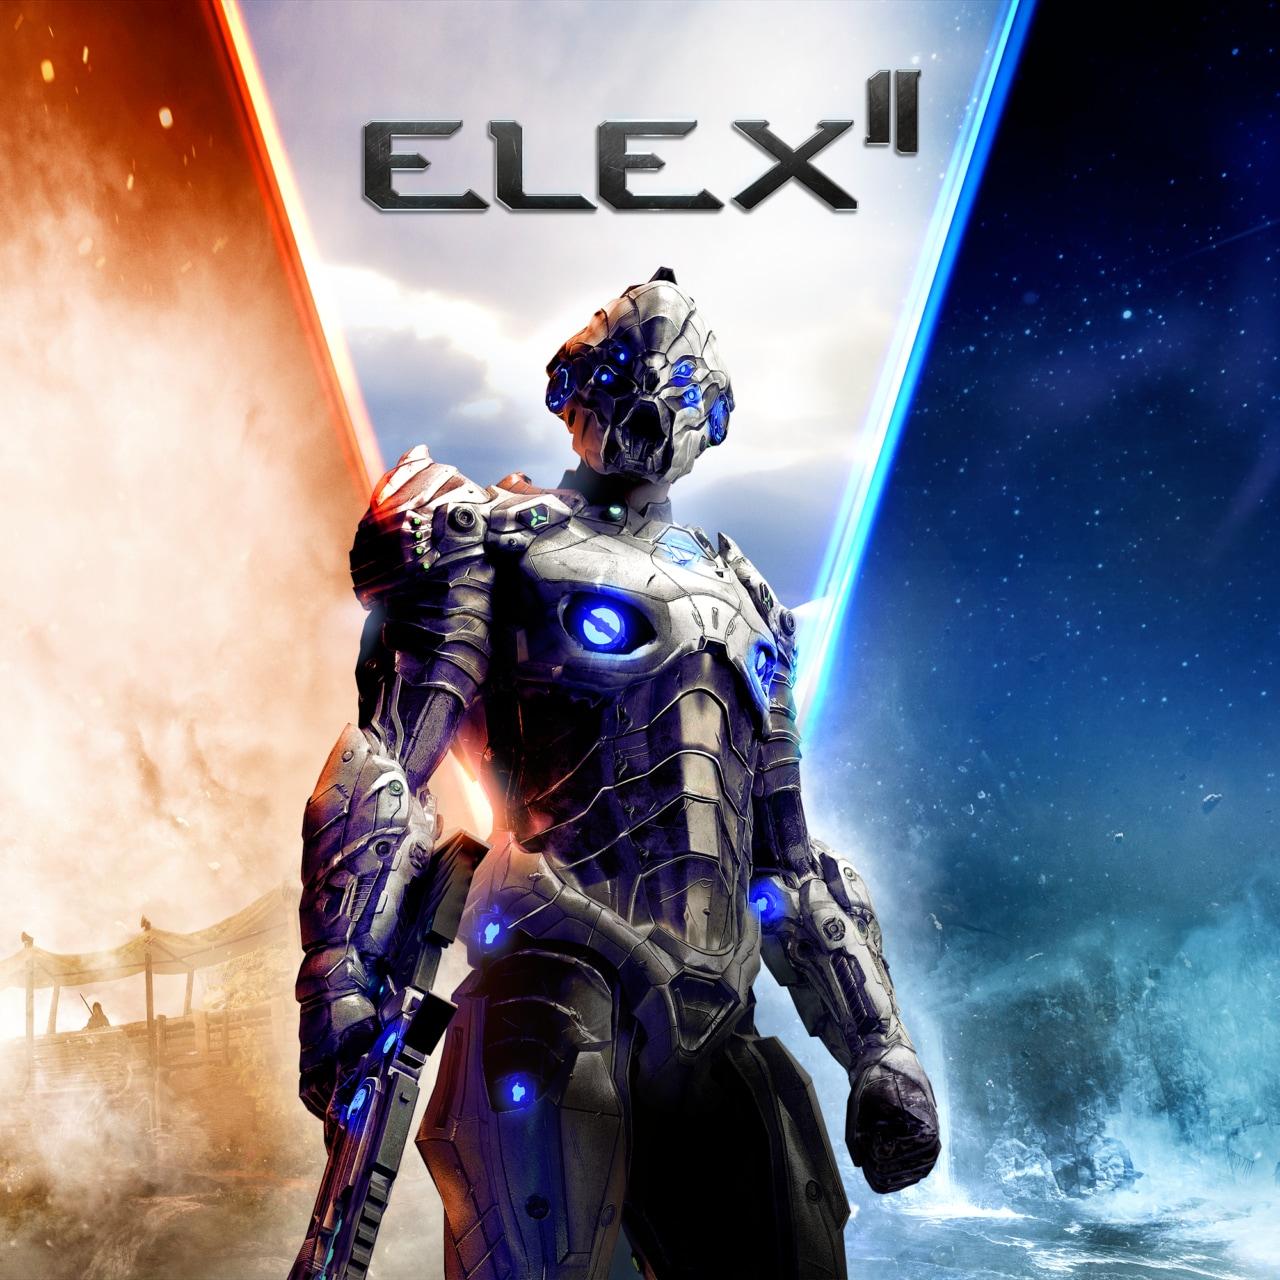 Annunciato ELEX II, il nuovo titolo di Piranha Bytes che arriverà su console e PC (video e foto)